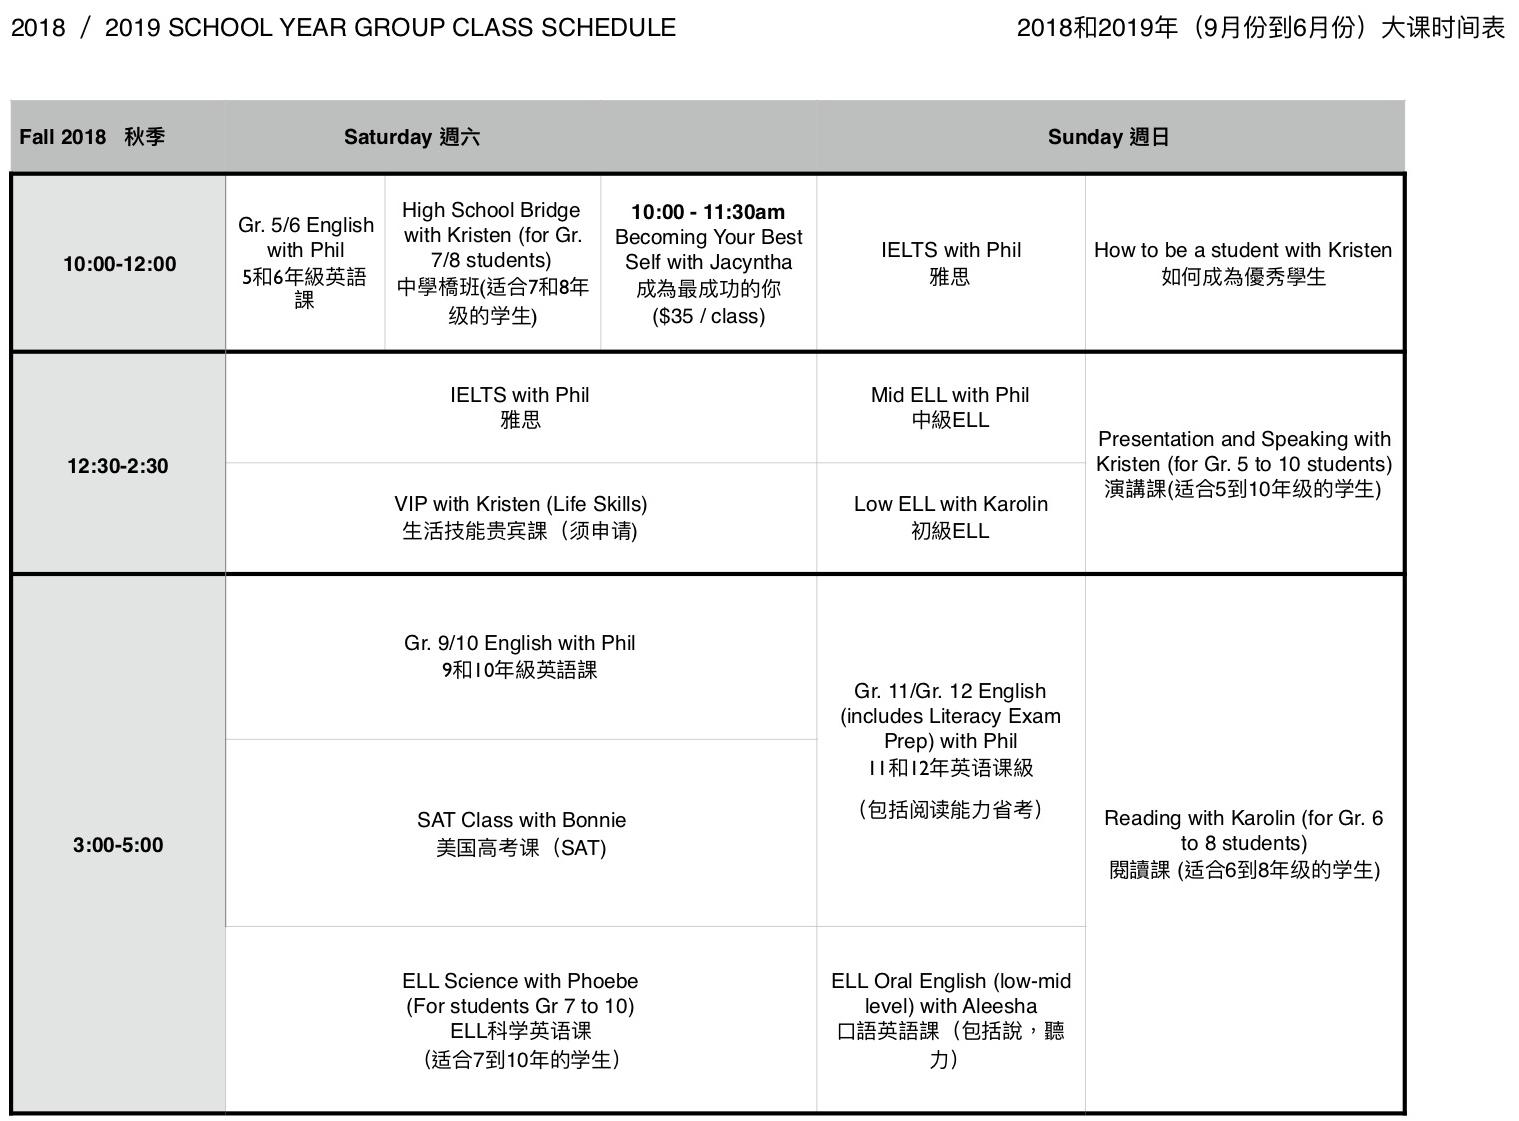 Fall 2018 Schedule 2.jpg